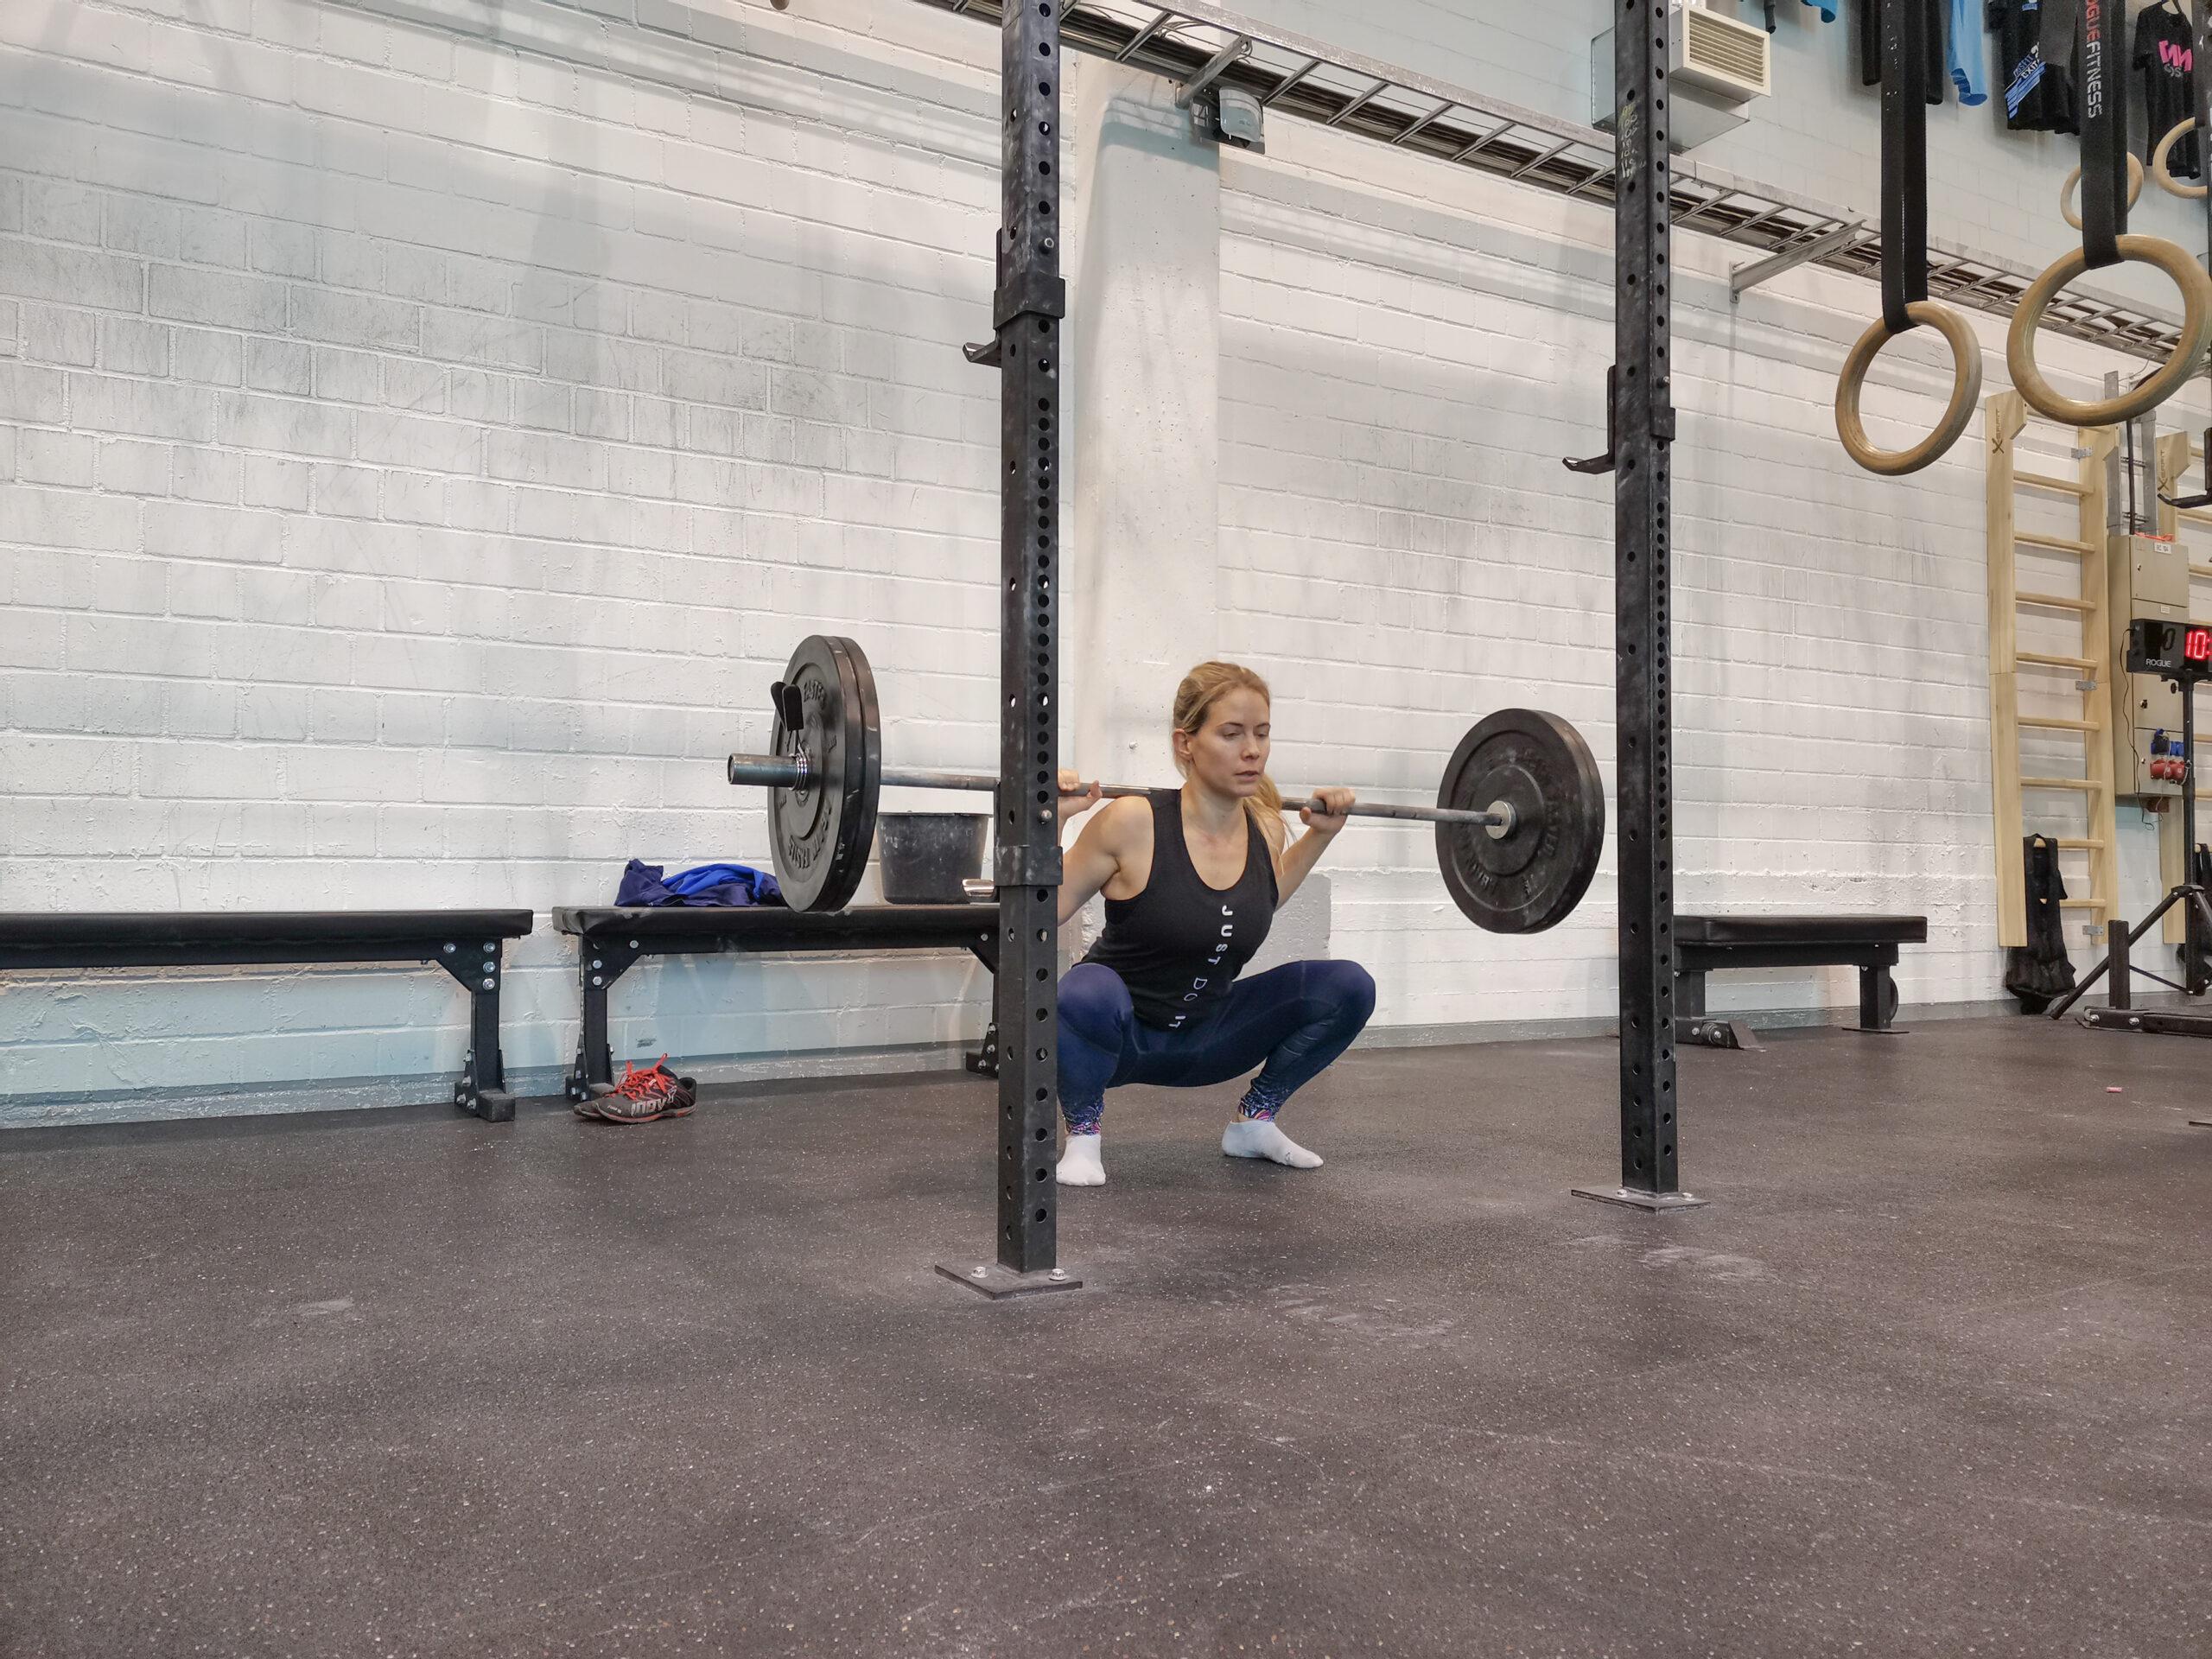 bäckenbotten crossfit styrketräning